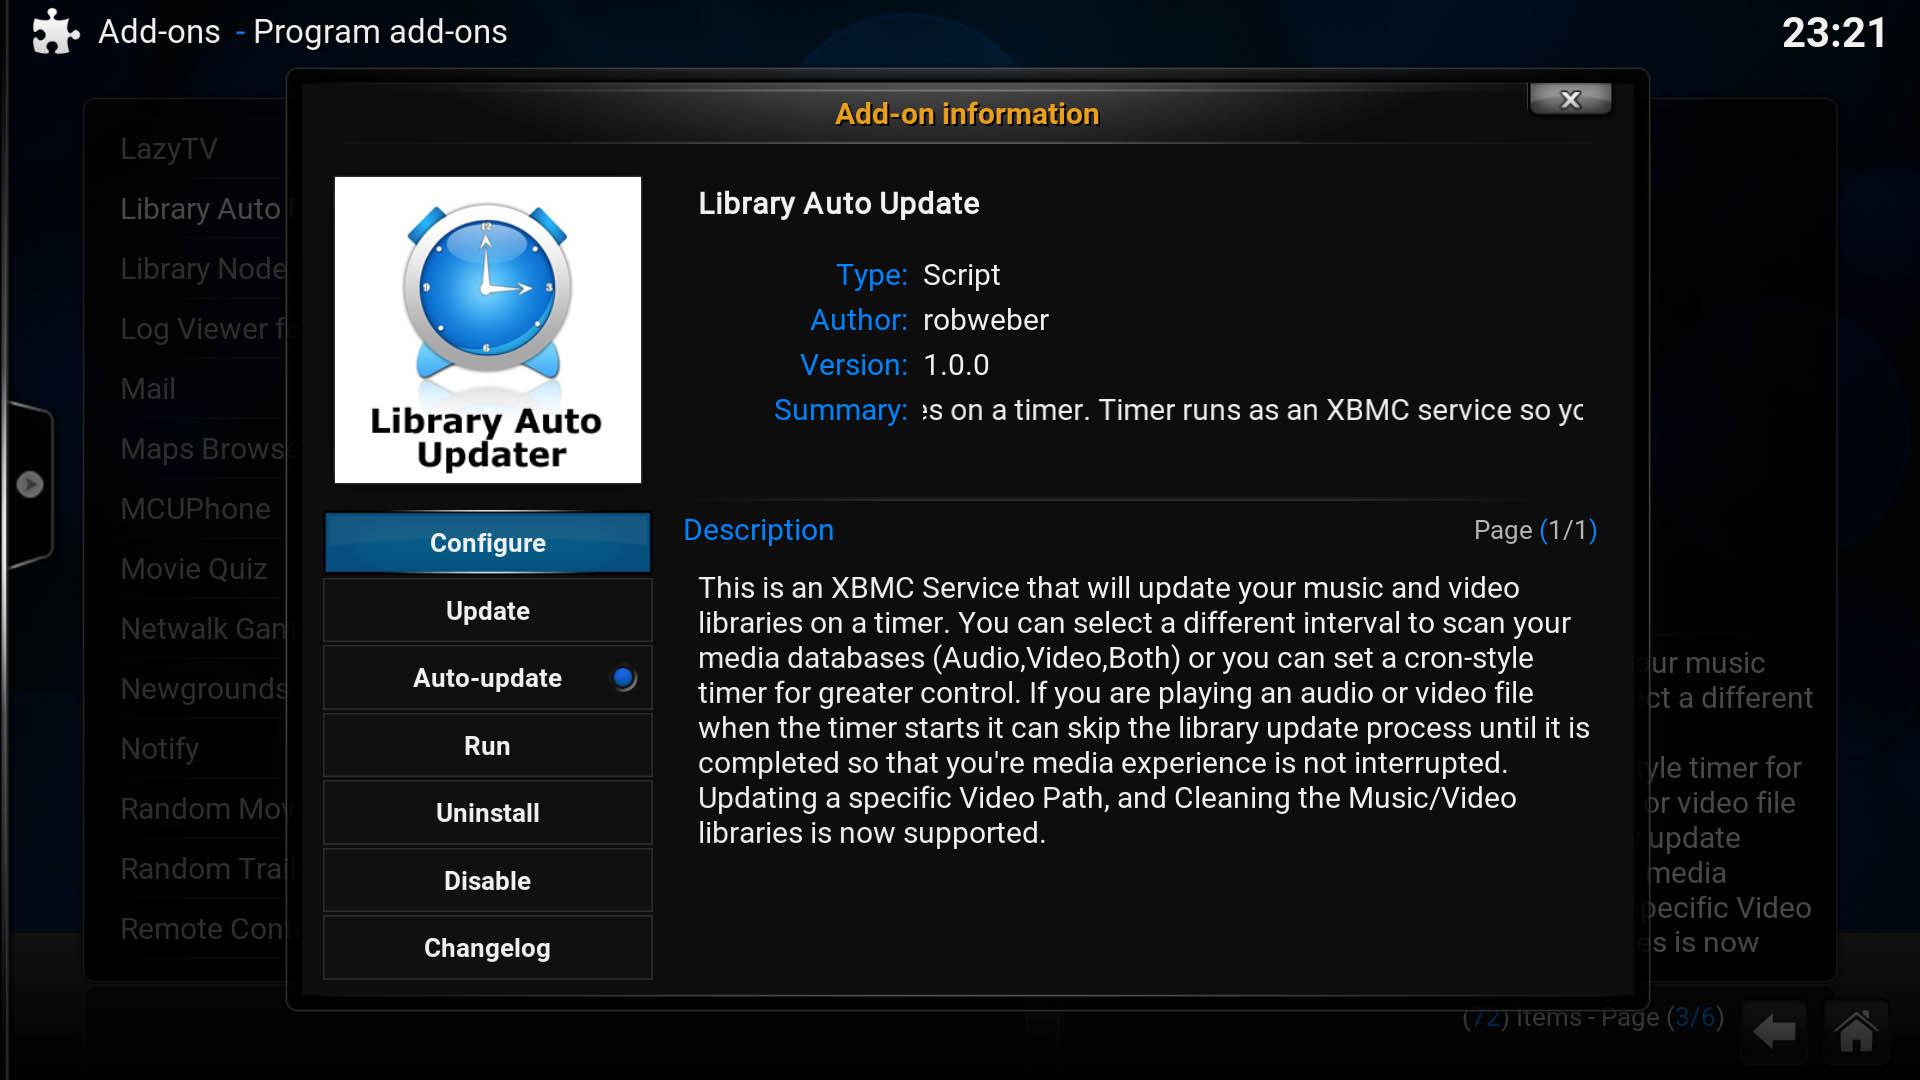 Kodi Library Auto Updater